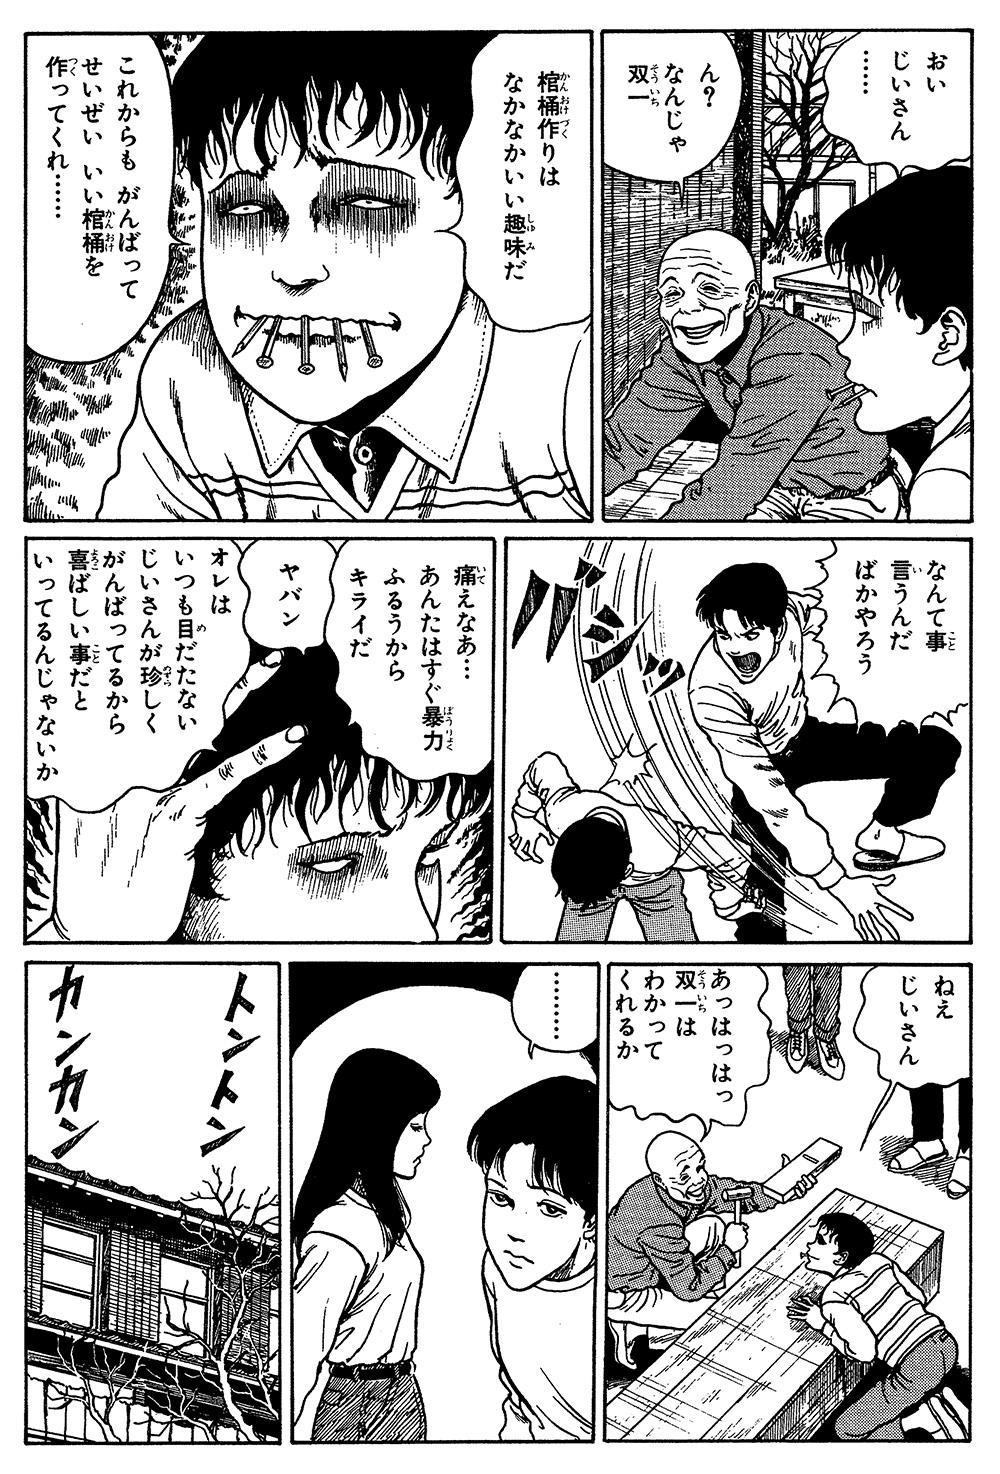 伊藤潤二傑作集「棺桶」①kanoke01-10.jpg